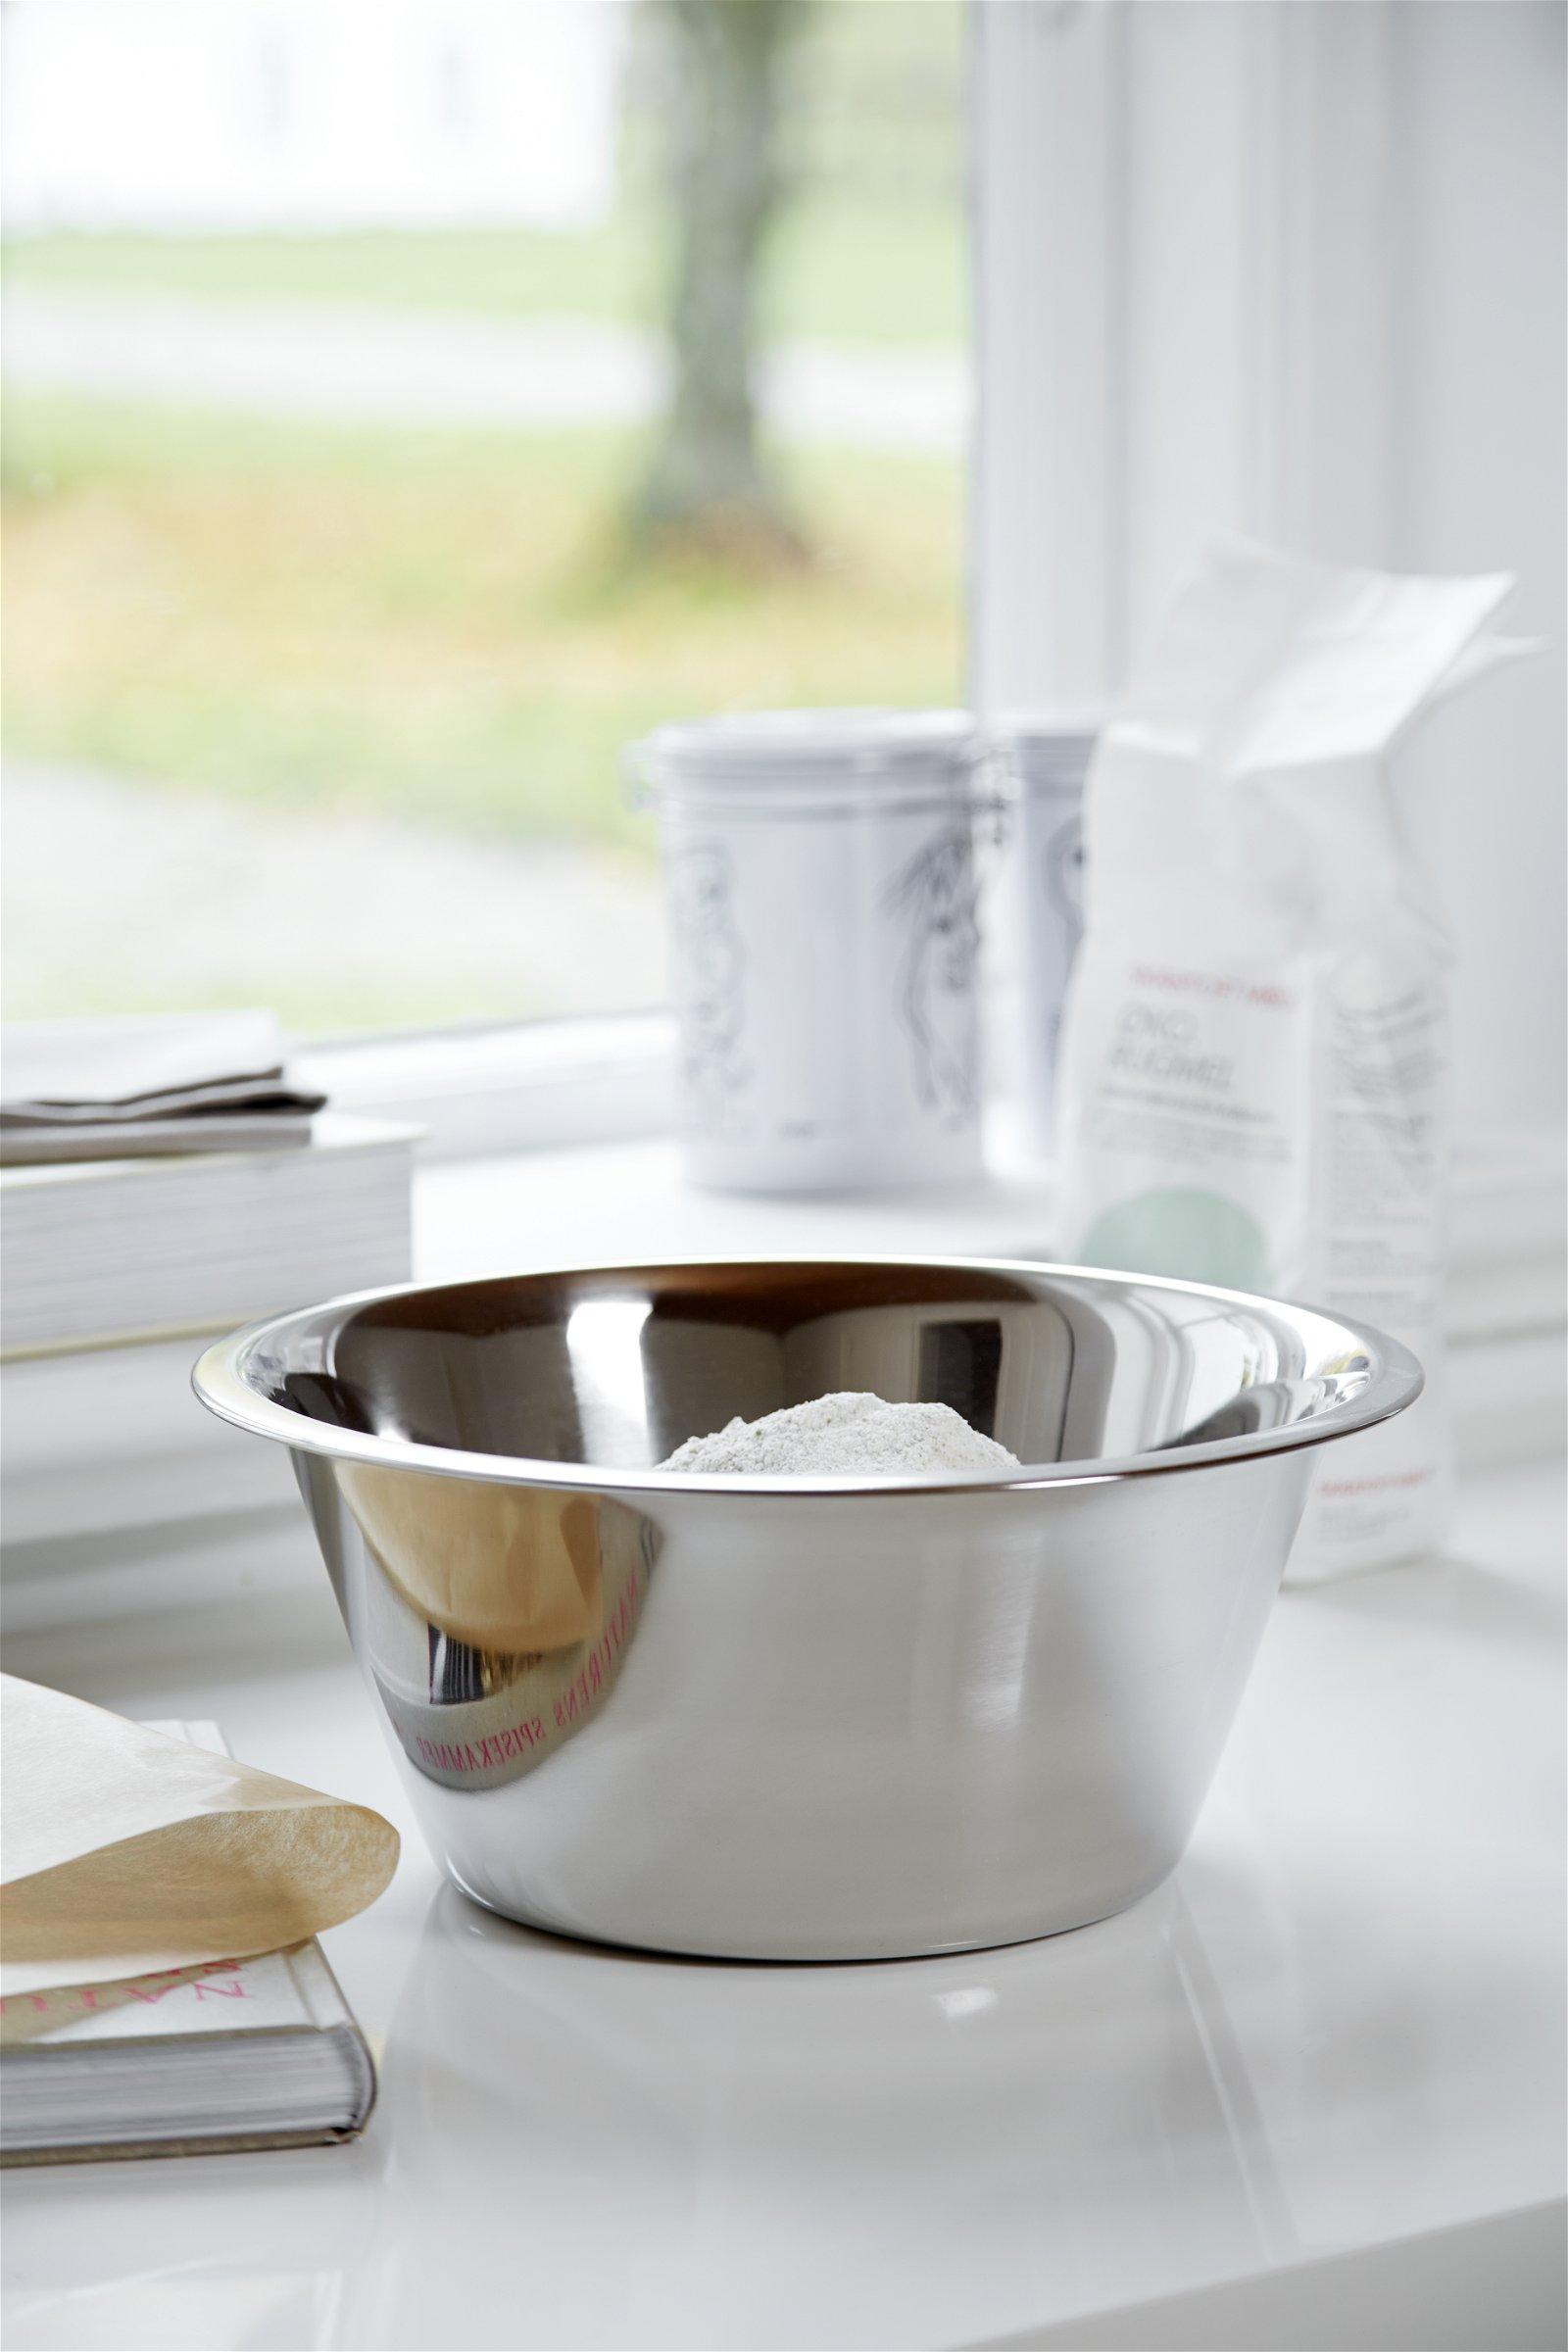 Steel-function køkkenskål